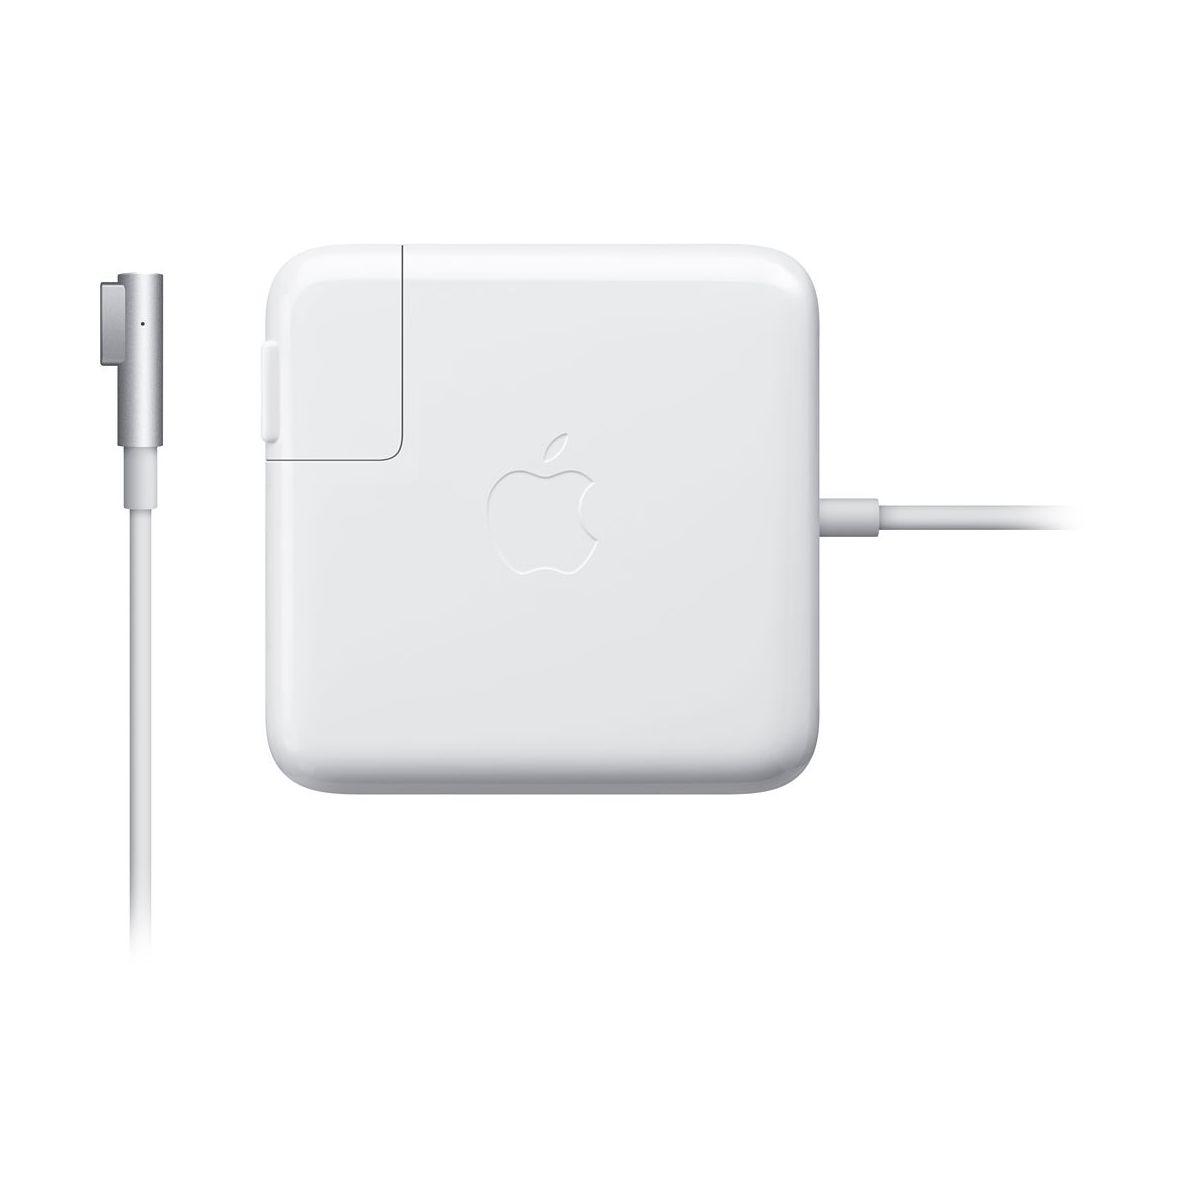 Chargeur macbook air apple mac mc461z/a 60w